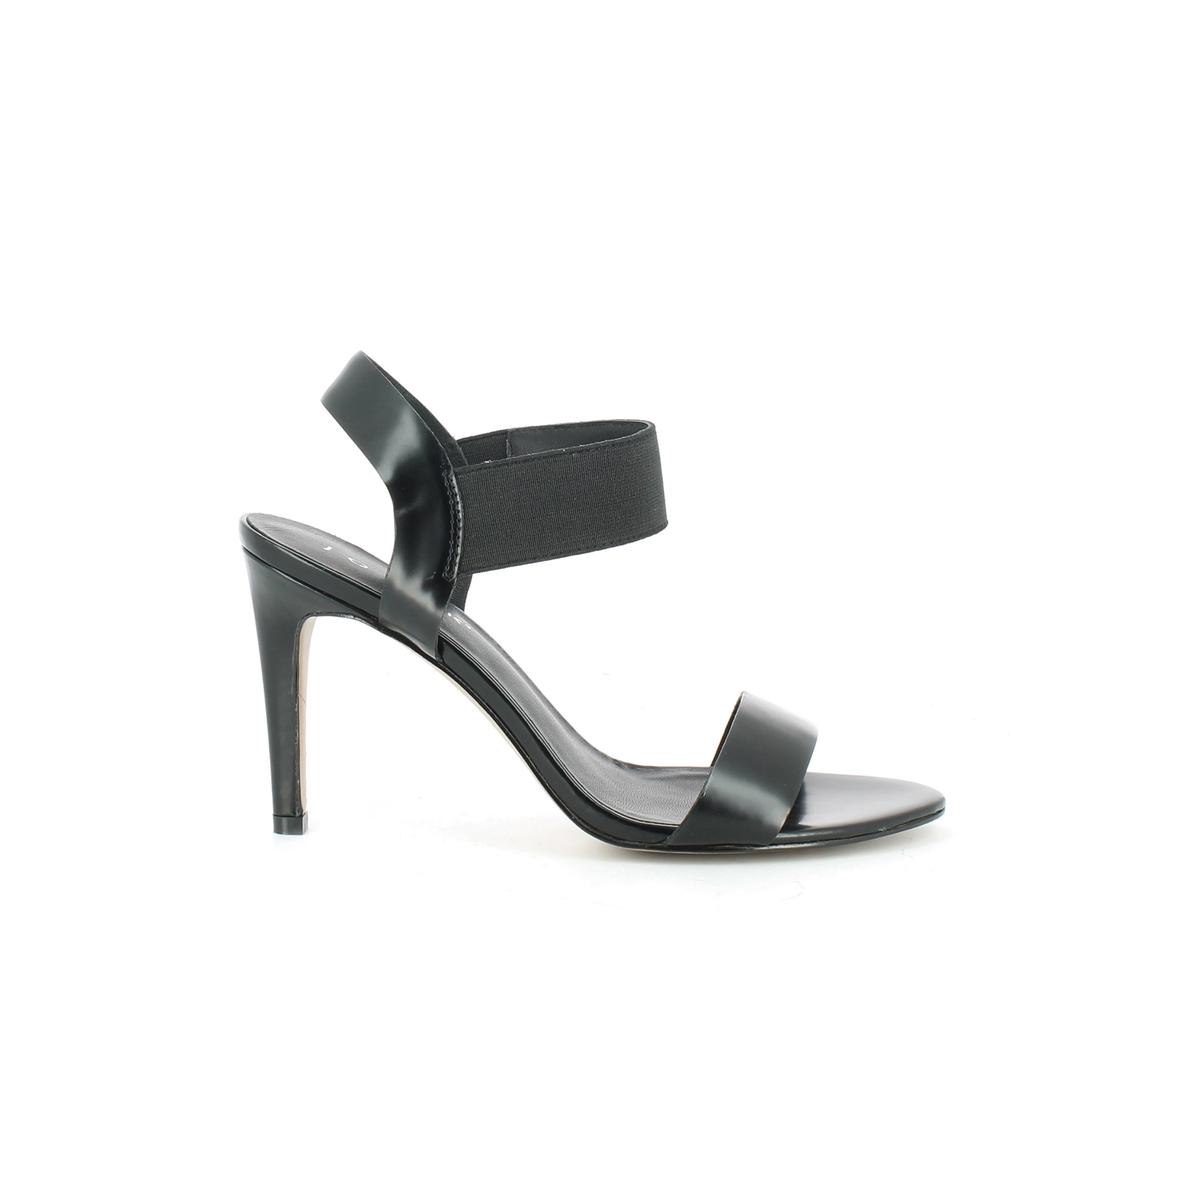 Босоножки кожаные на высоком каблукеБосоножки кожаные на высоком каблуке, Jonak.Верх: яловичная кожаПодкладка: кожаСтелька: кожаПодошва :  из эластомераЗастежка : эластичный ремешокВысота каблука : 7 см Женственная и утонченная форма, эластичный ремешок для надежного крепления, высокий тонкий каблук : сандалии Jonak сочетаются с любой летней одеждой для прогулок и вечеринок!<br><br>Цвет: черный<br>Размер: 37